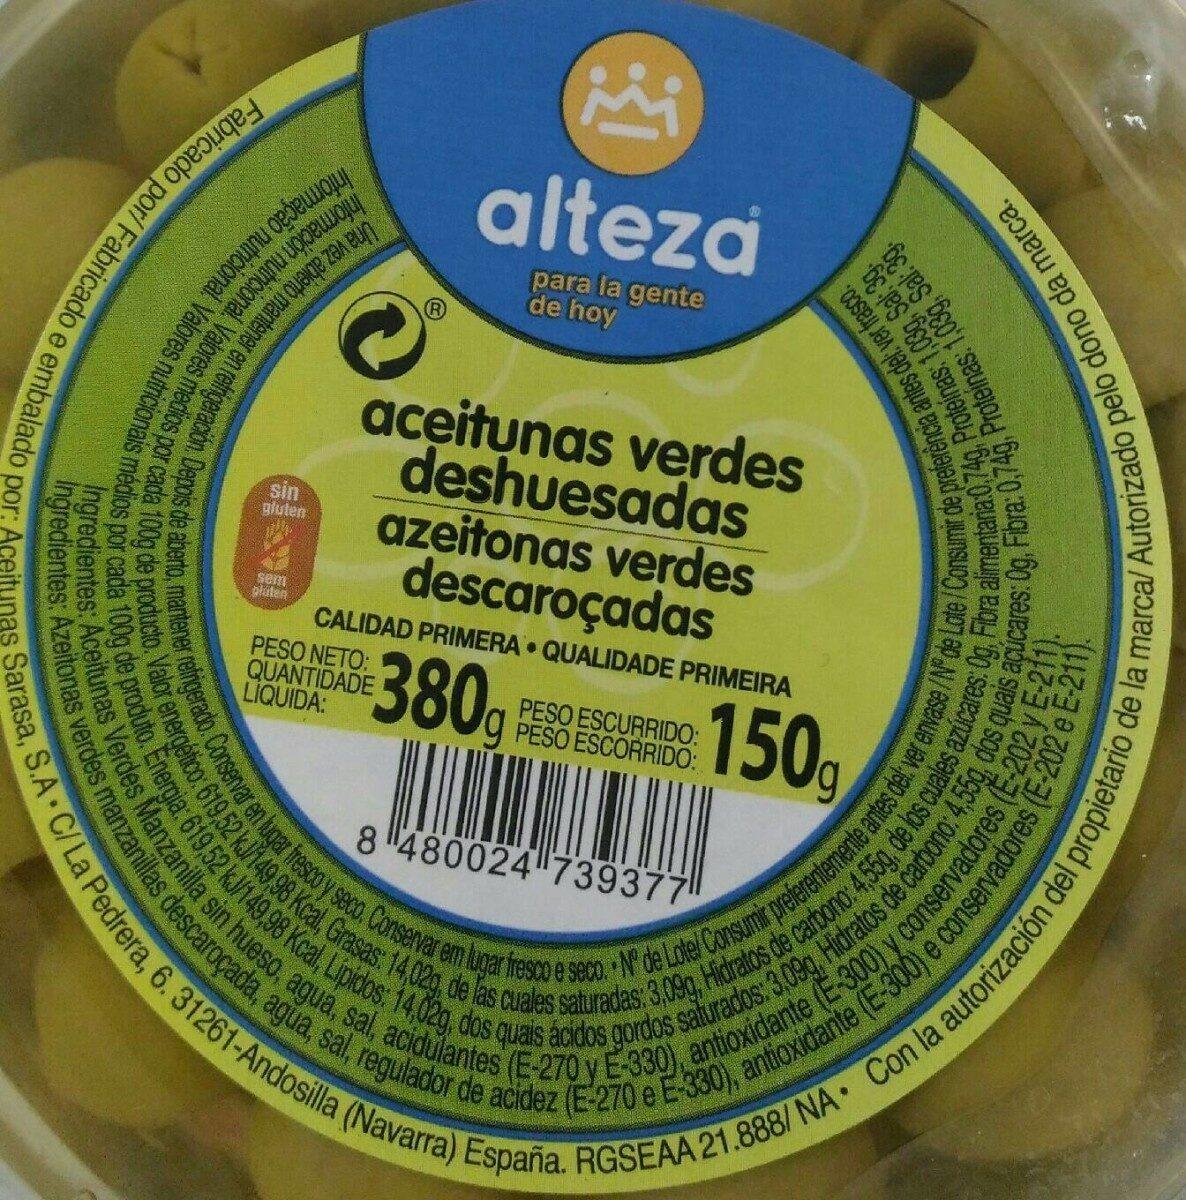 Aceitunas verdes deshuesadas - Informació nutricional - es